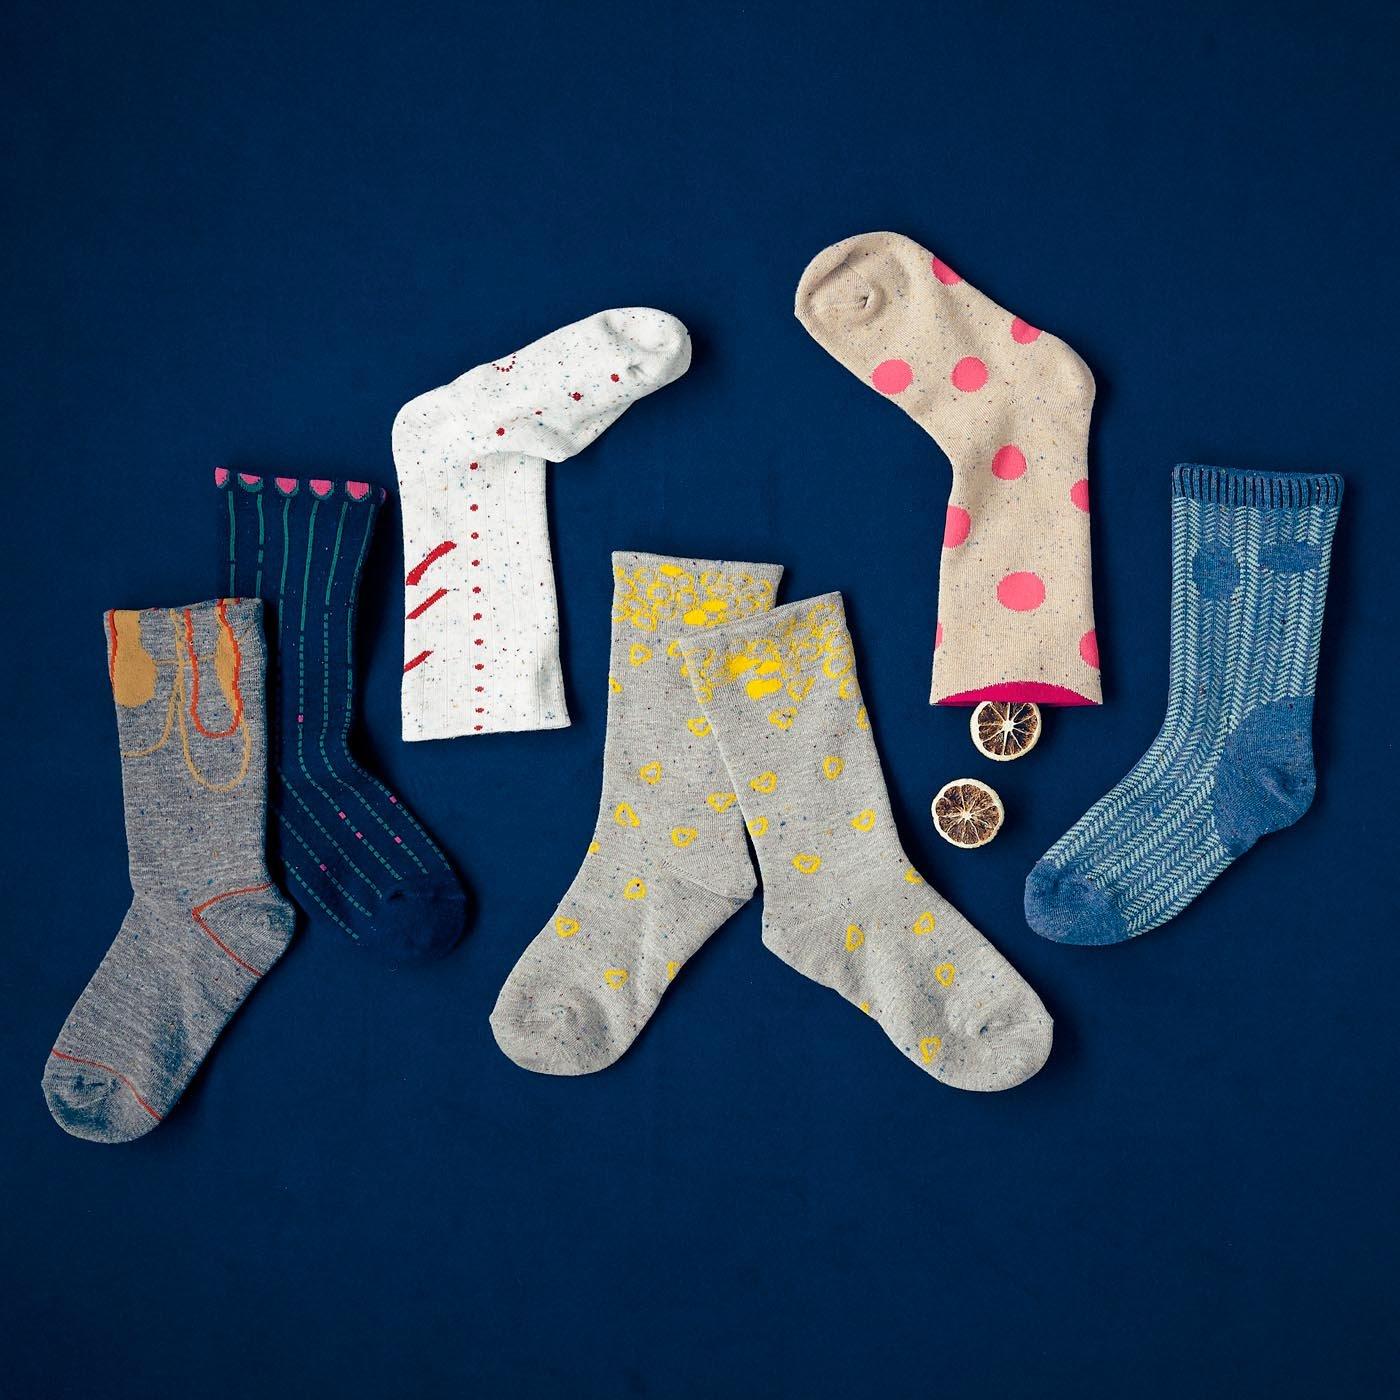 テキスタイルデザイナー 伊藤尚美さんと作った 足もとを今日の色柄で彩る 裏地シルクのゆるさら靴下の会